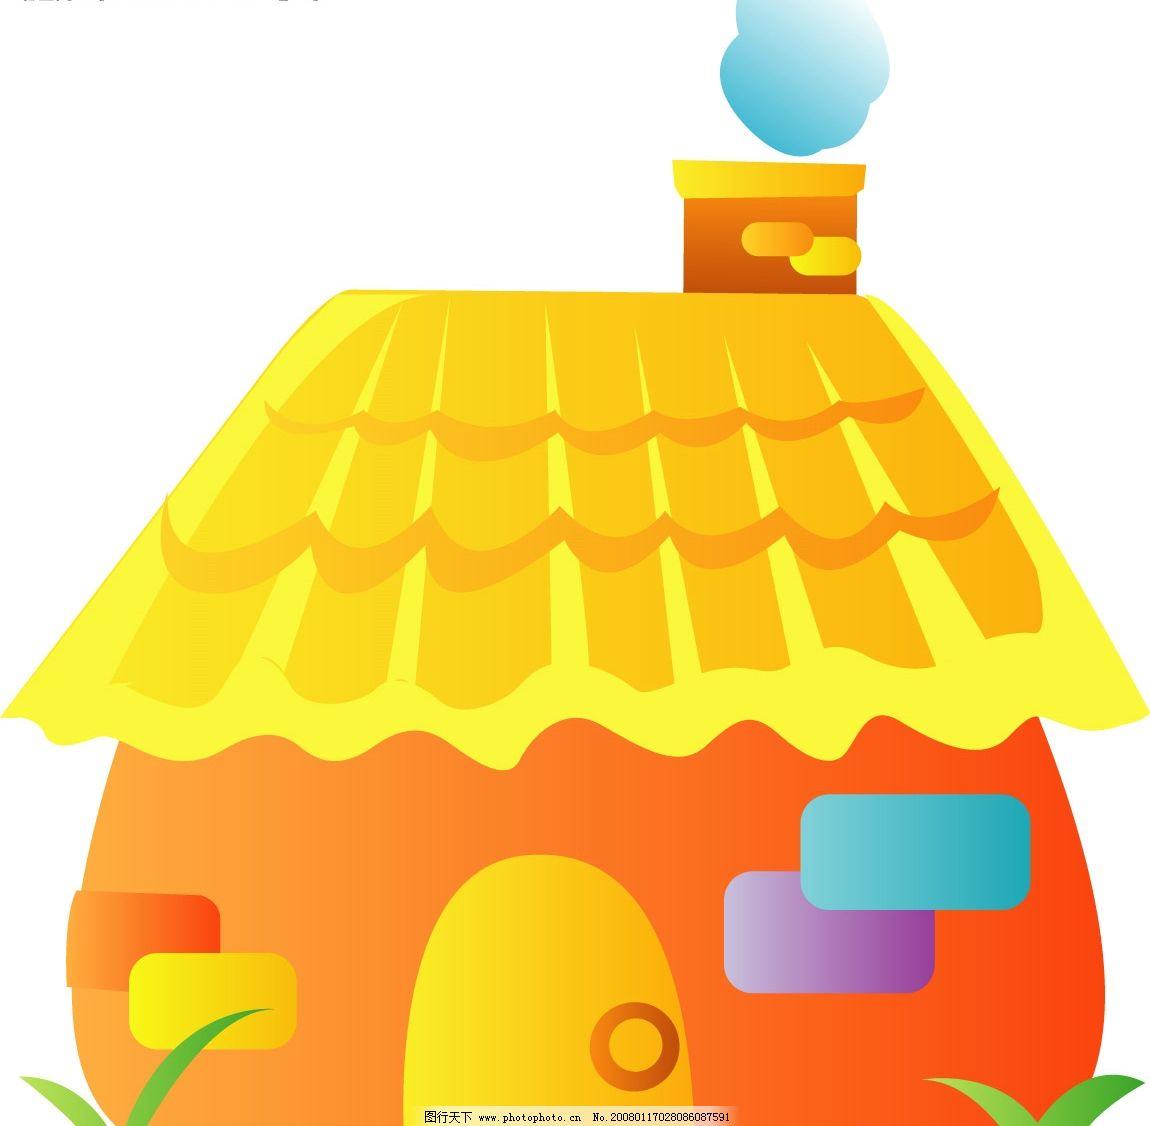 小屋 小房子 可爱 建筑家居 城市建筑 城市风景 矢量图库   ai